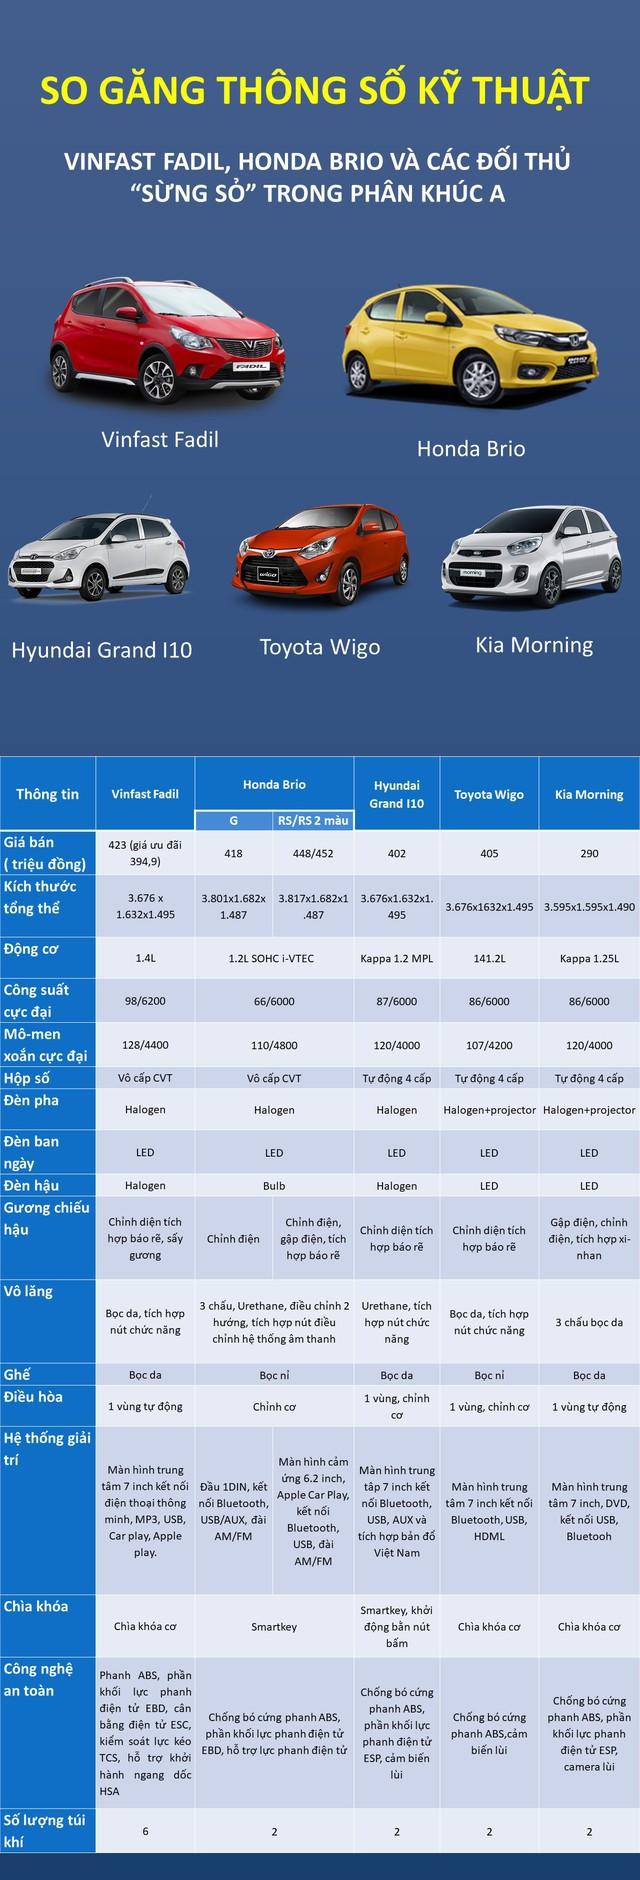 So găng thông số kỹ thuật của VinFast Fadil, Honda Brio và các đối thủ sừng sỏ trong phân khúc xe A - Ảnh 1.